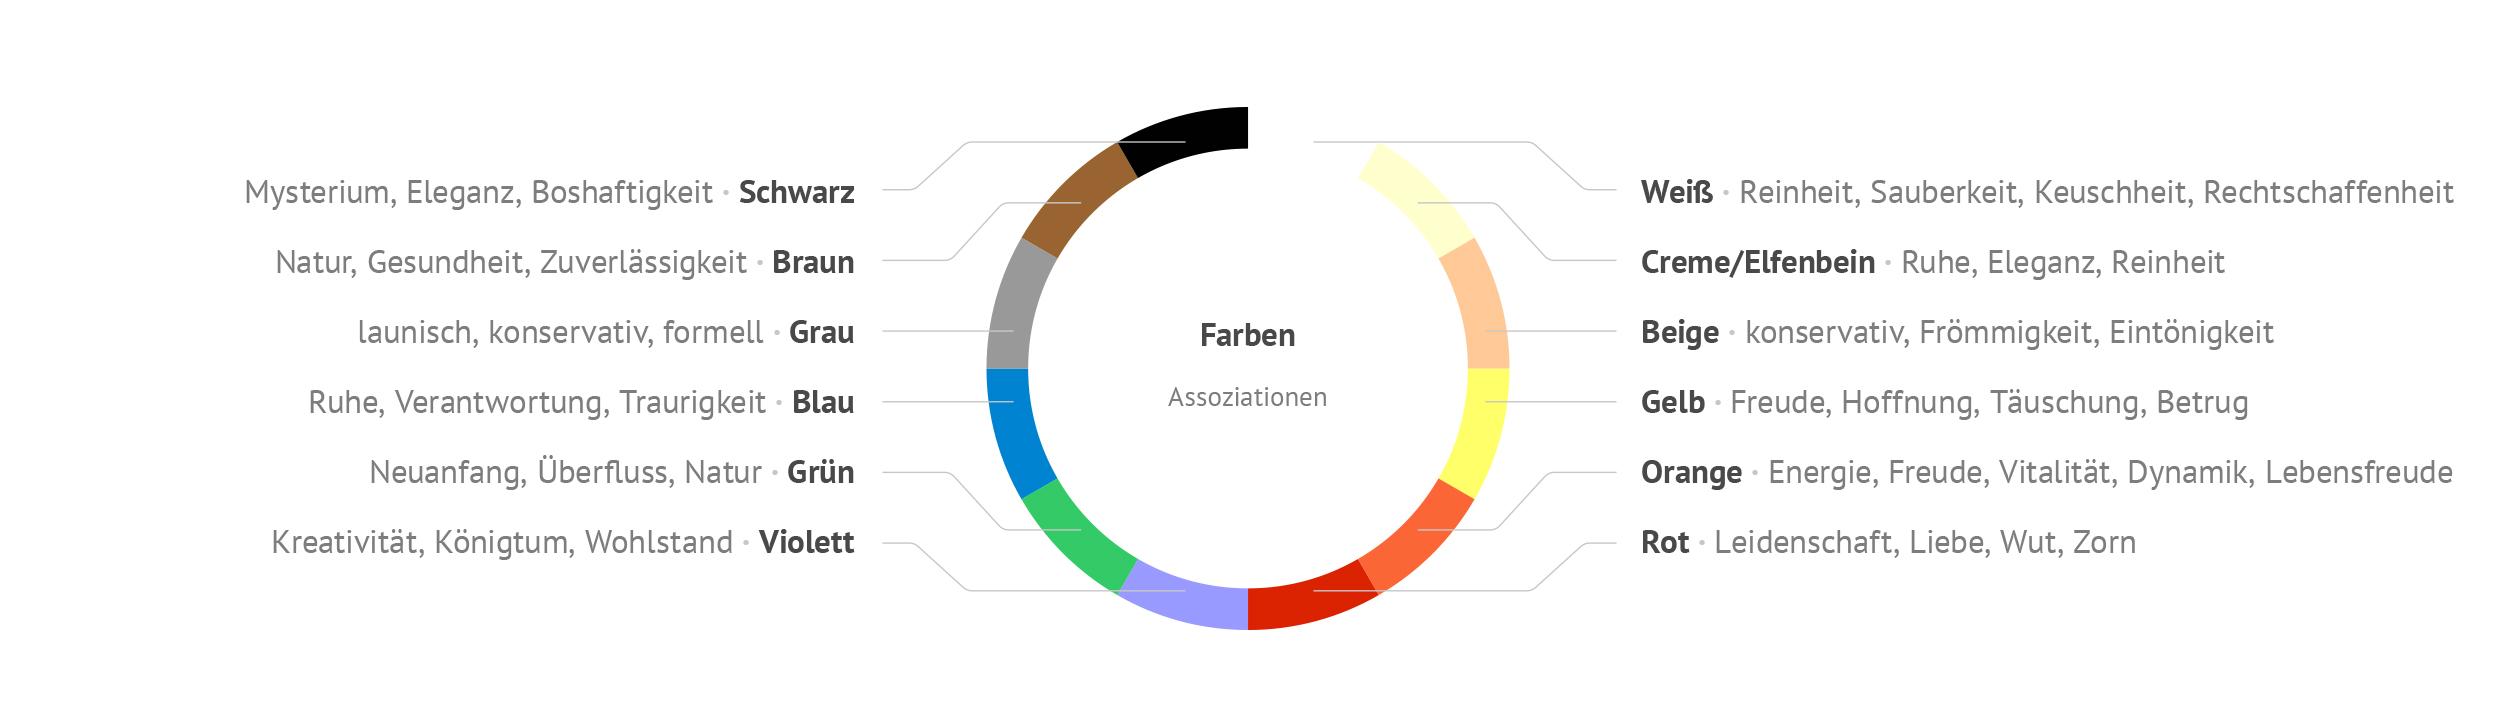 Diagramm Farben Assoziationen